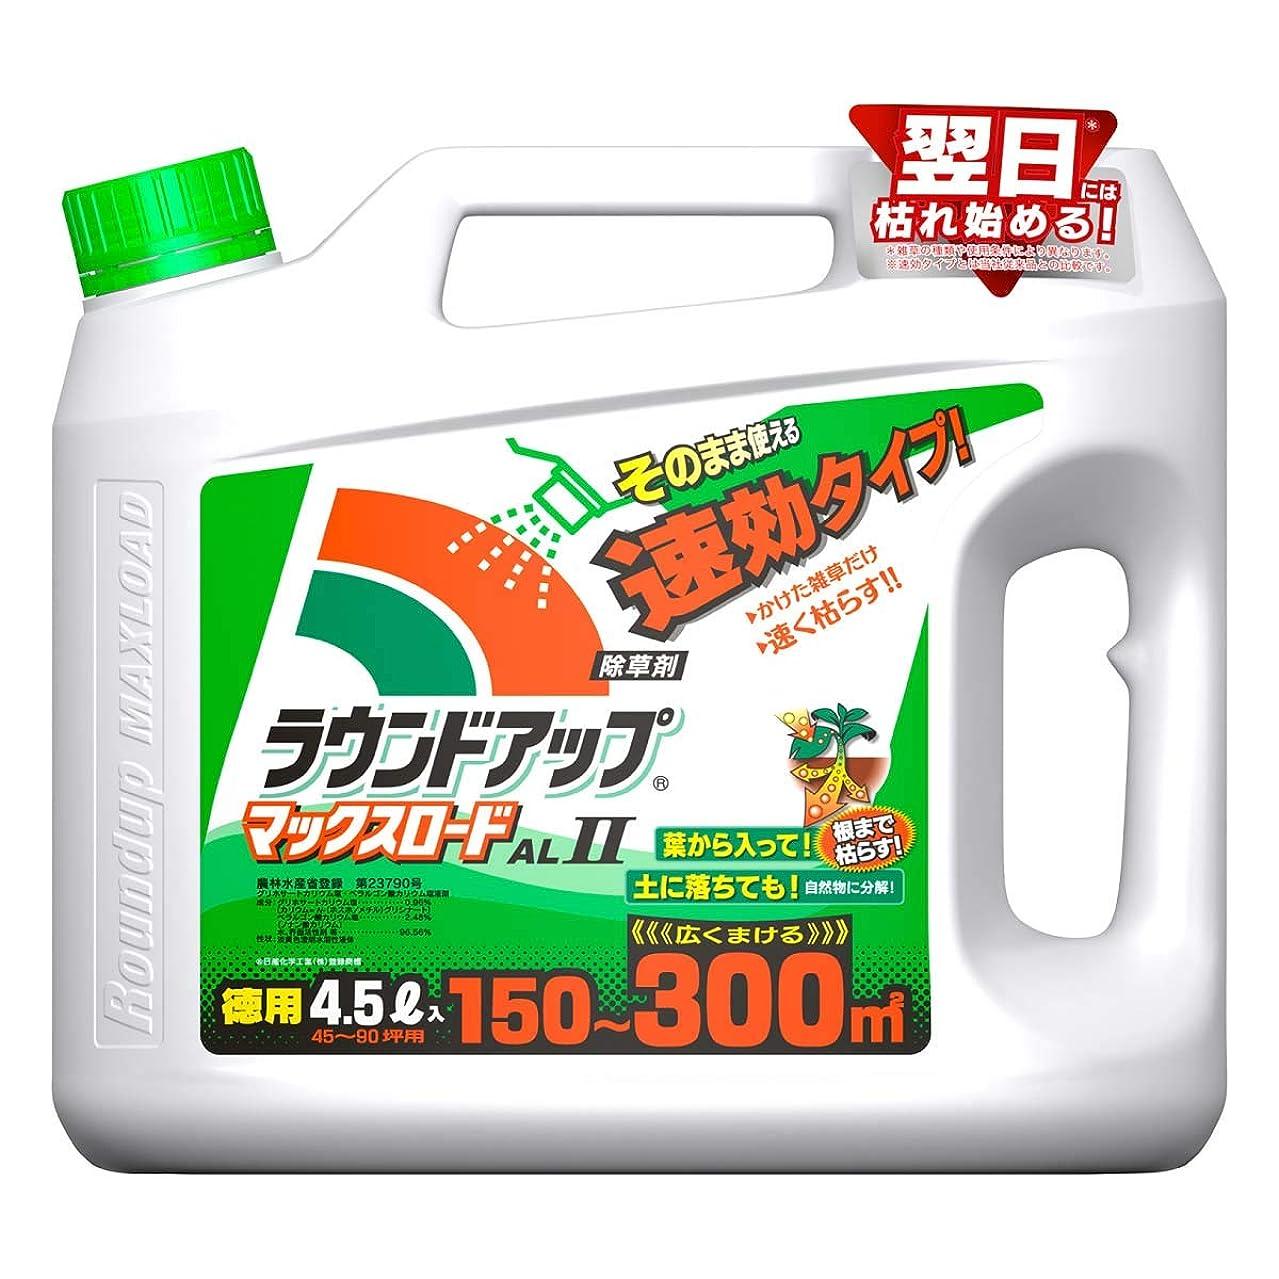 モルヒネチロ肖像画日産化学 除草剤 シャワータイプ ラウンドアップマックスロードALII 4.5L 速効タイプ